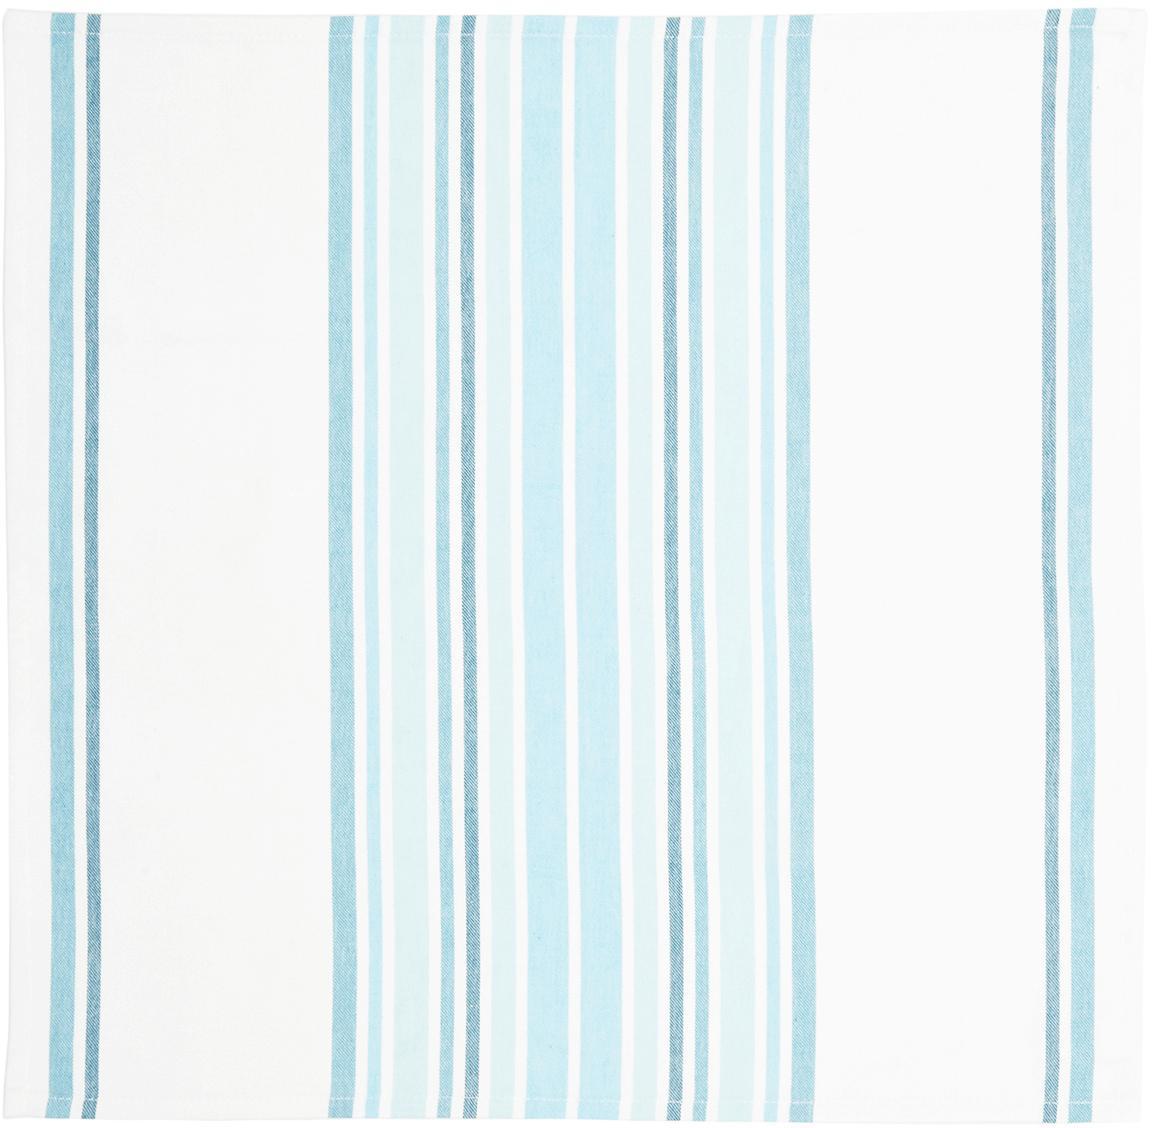 Serwetka z bawełny Katie, 2 szt., Bawełna, Biały, niebieski, S 50 x D 50 cm